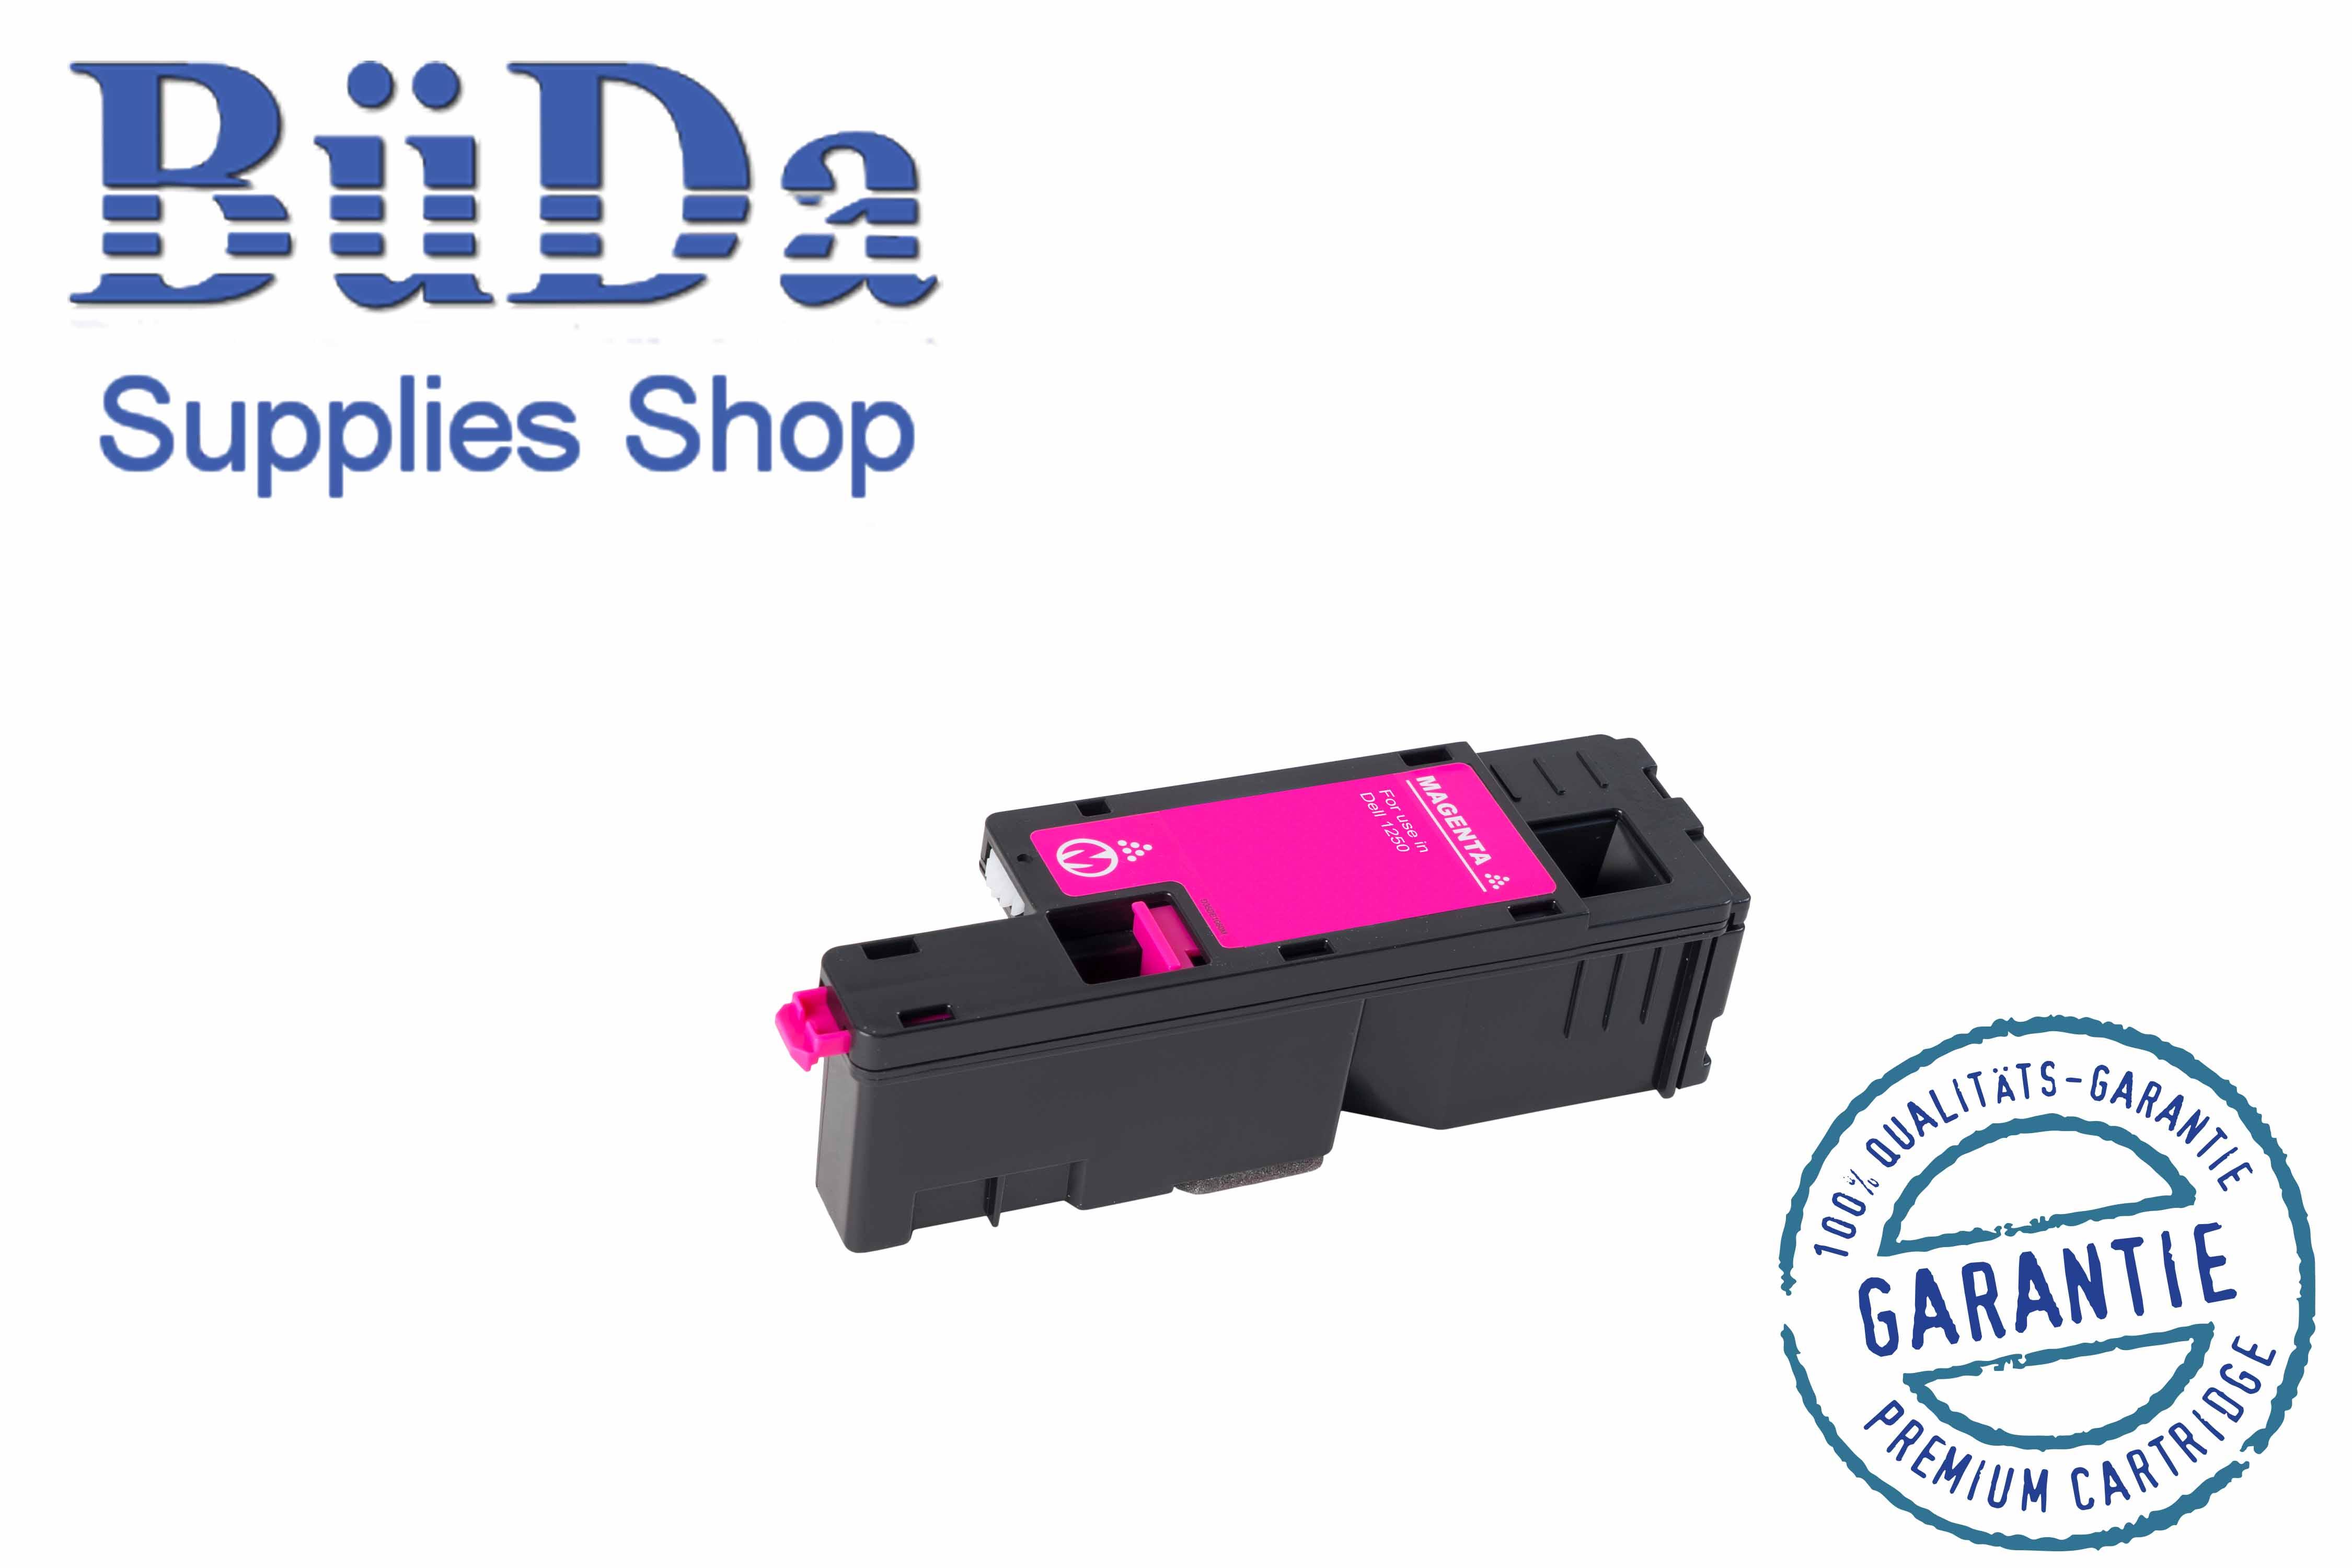 Toner-Modul komp. zu Dell 1250 magenta 1400 Seiten